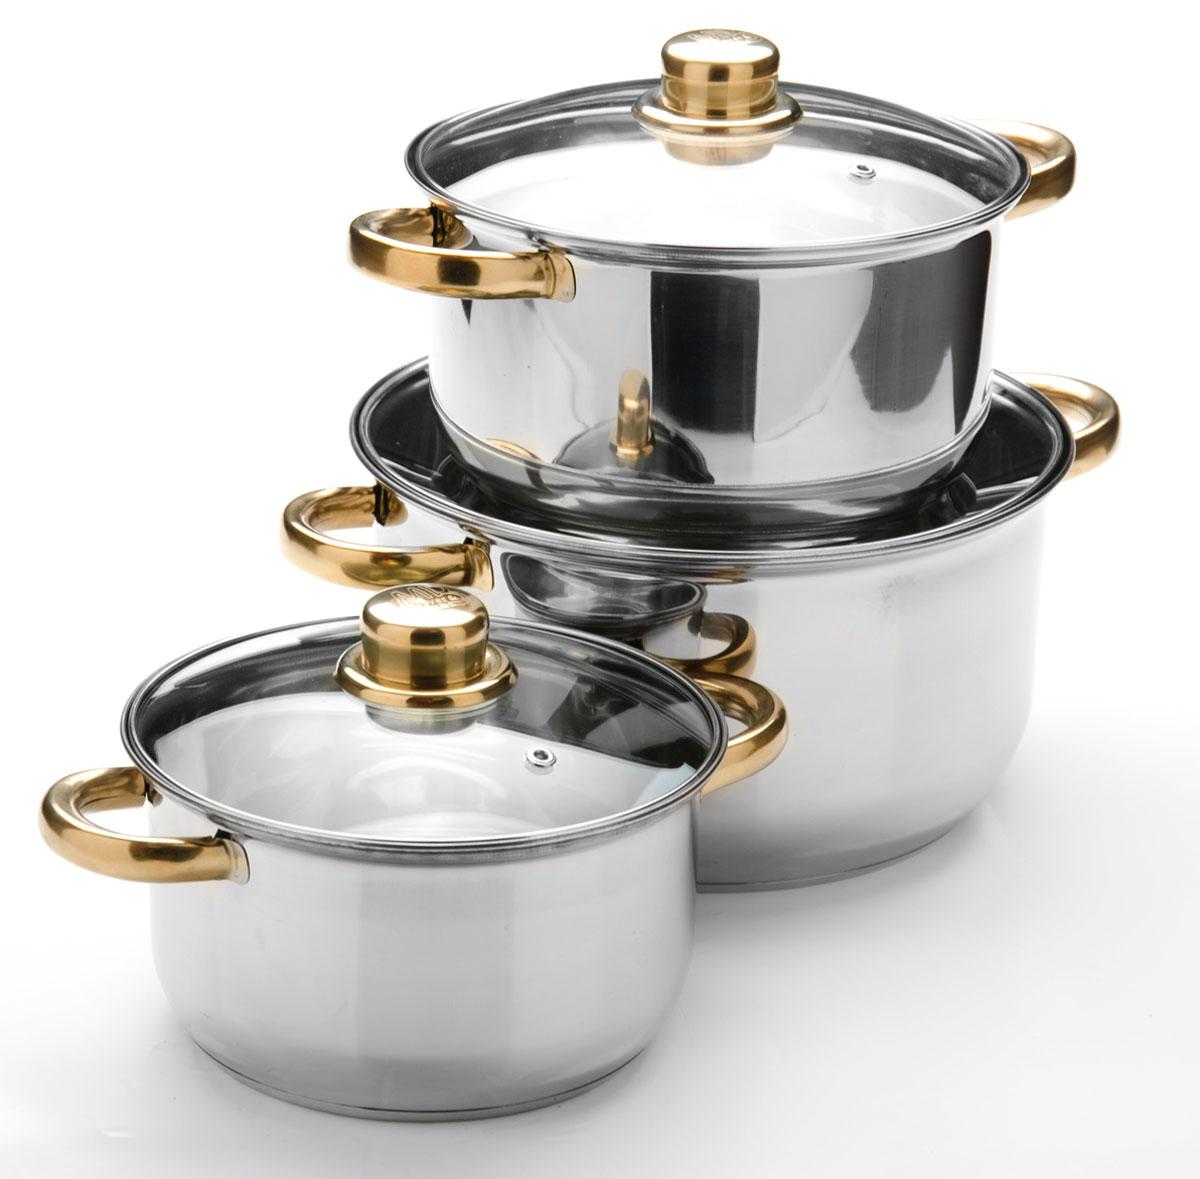 Набор посуды станет отличным дополнением к набору кухонной утвари. С его приобретением приготовление ваших любимых блюд перейдет на качественно новый уровень и вы сможете воплотить в жизнь любые кулинарные идеи. В комплект входят 6 предметов: 3 кастрюли (объем 2/ 2,9/ 4,9), 3 крышки. Набор многофункционален и удобен в использовании, подойдет для варки супов, приготовления блюд из мяса и рыбы, гарниров, соусов т. д.